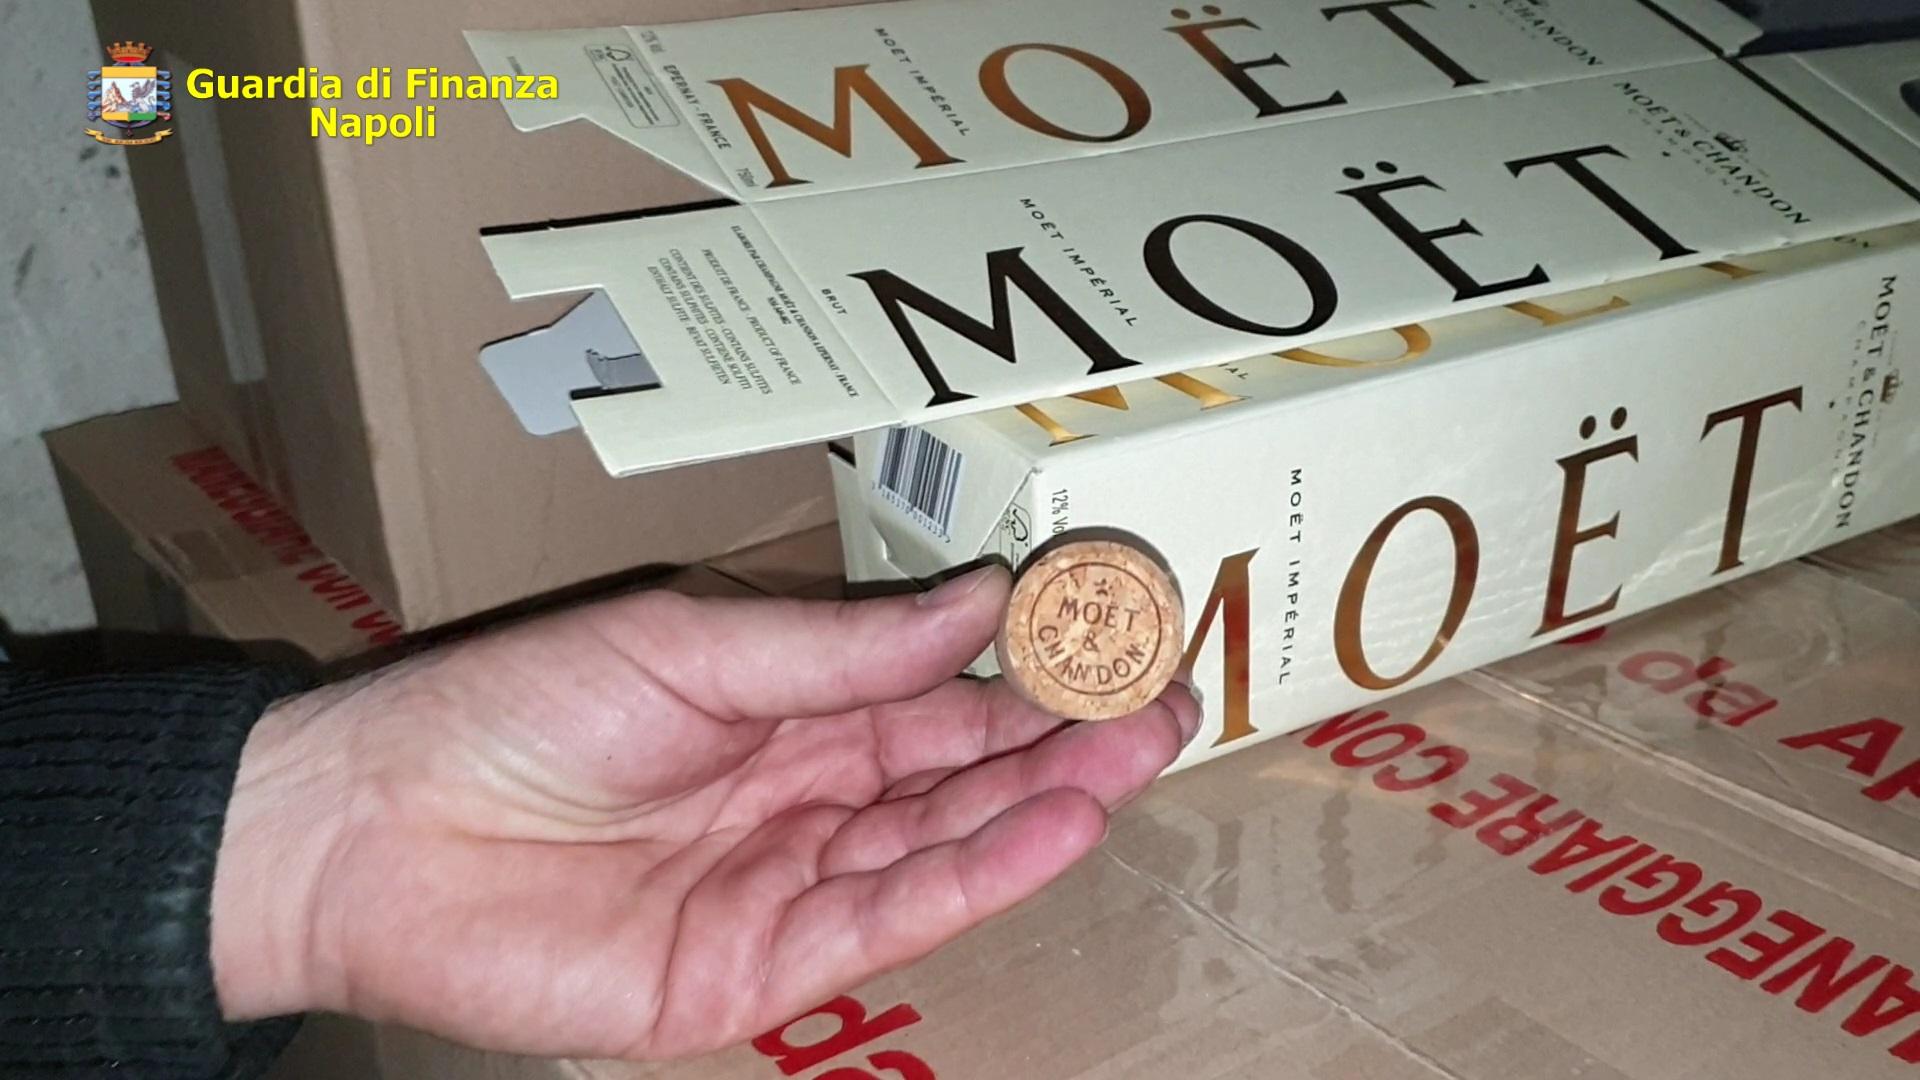 Napoli, blitz Guardia di Finanza: sequestrati 1400 litri tra champagne ed olio contraffatti